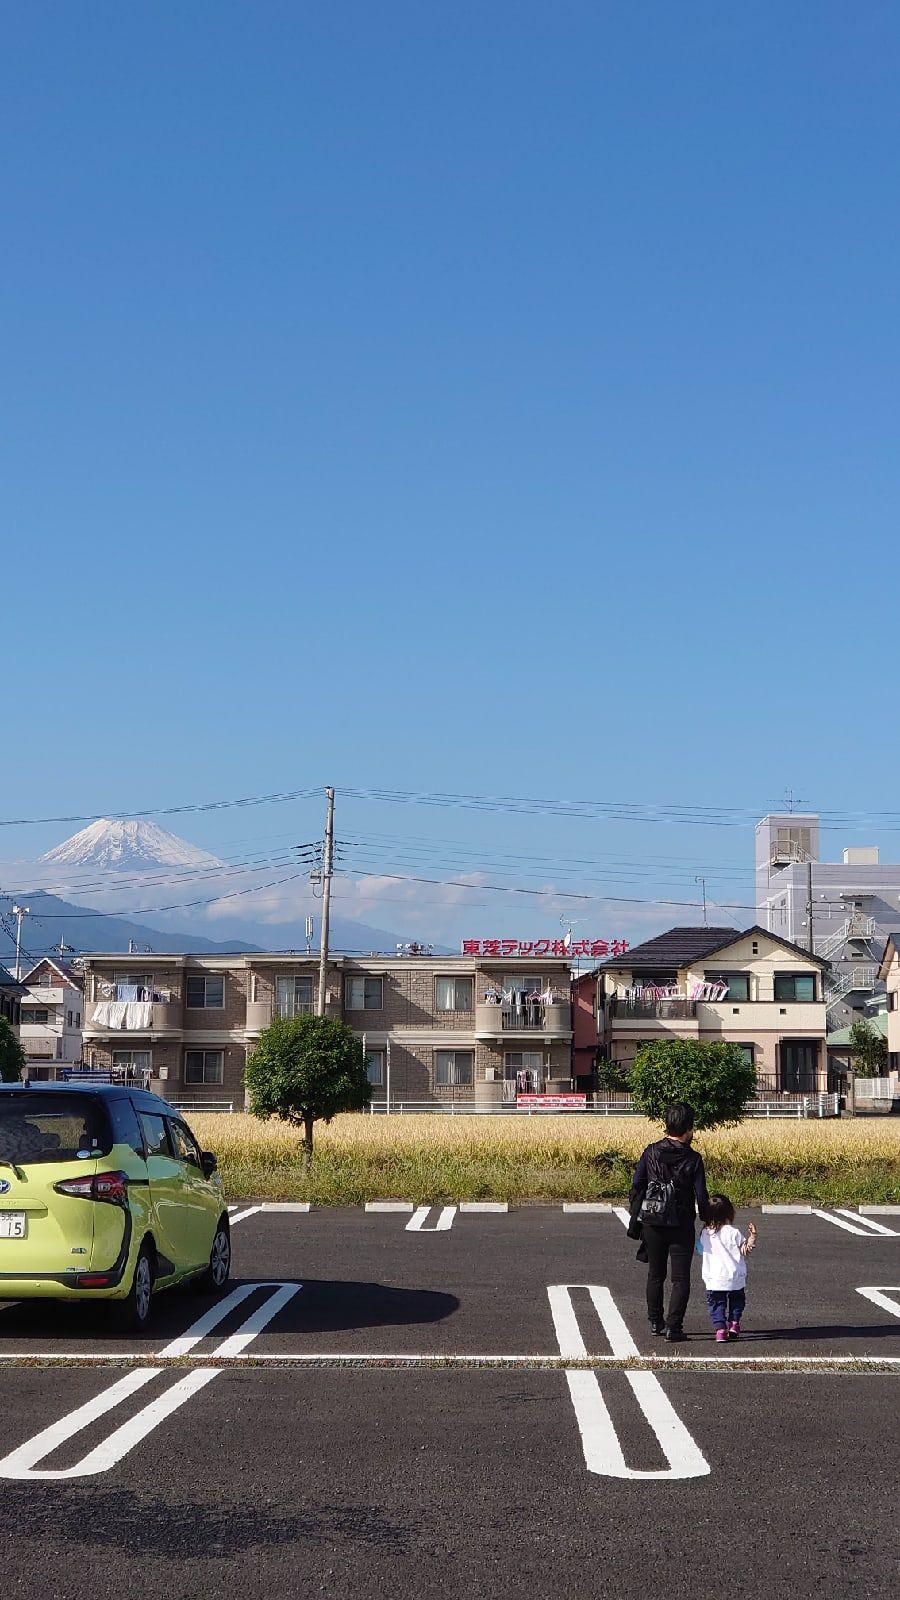 Один мой день в префектуре Сидзока, Япония, я покажу вам долгожданную семейную поездку, фото 16